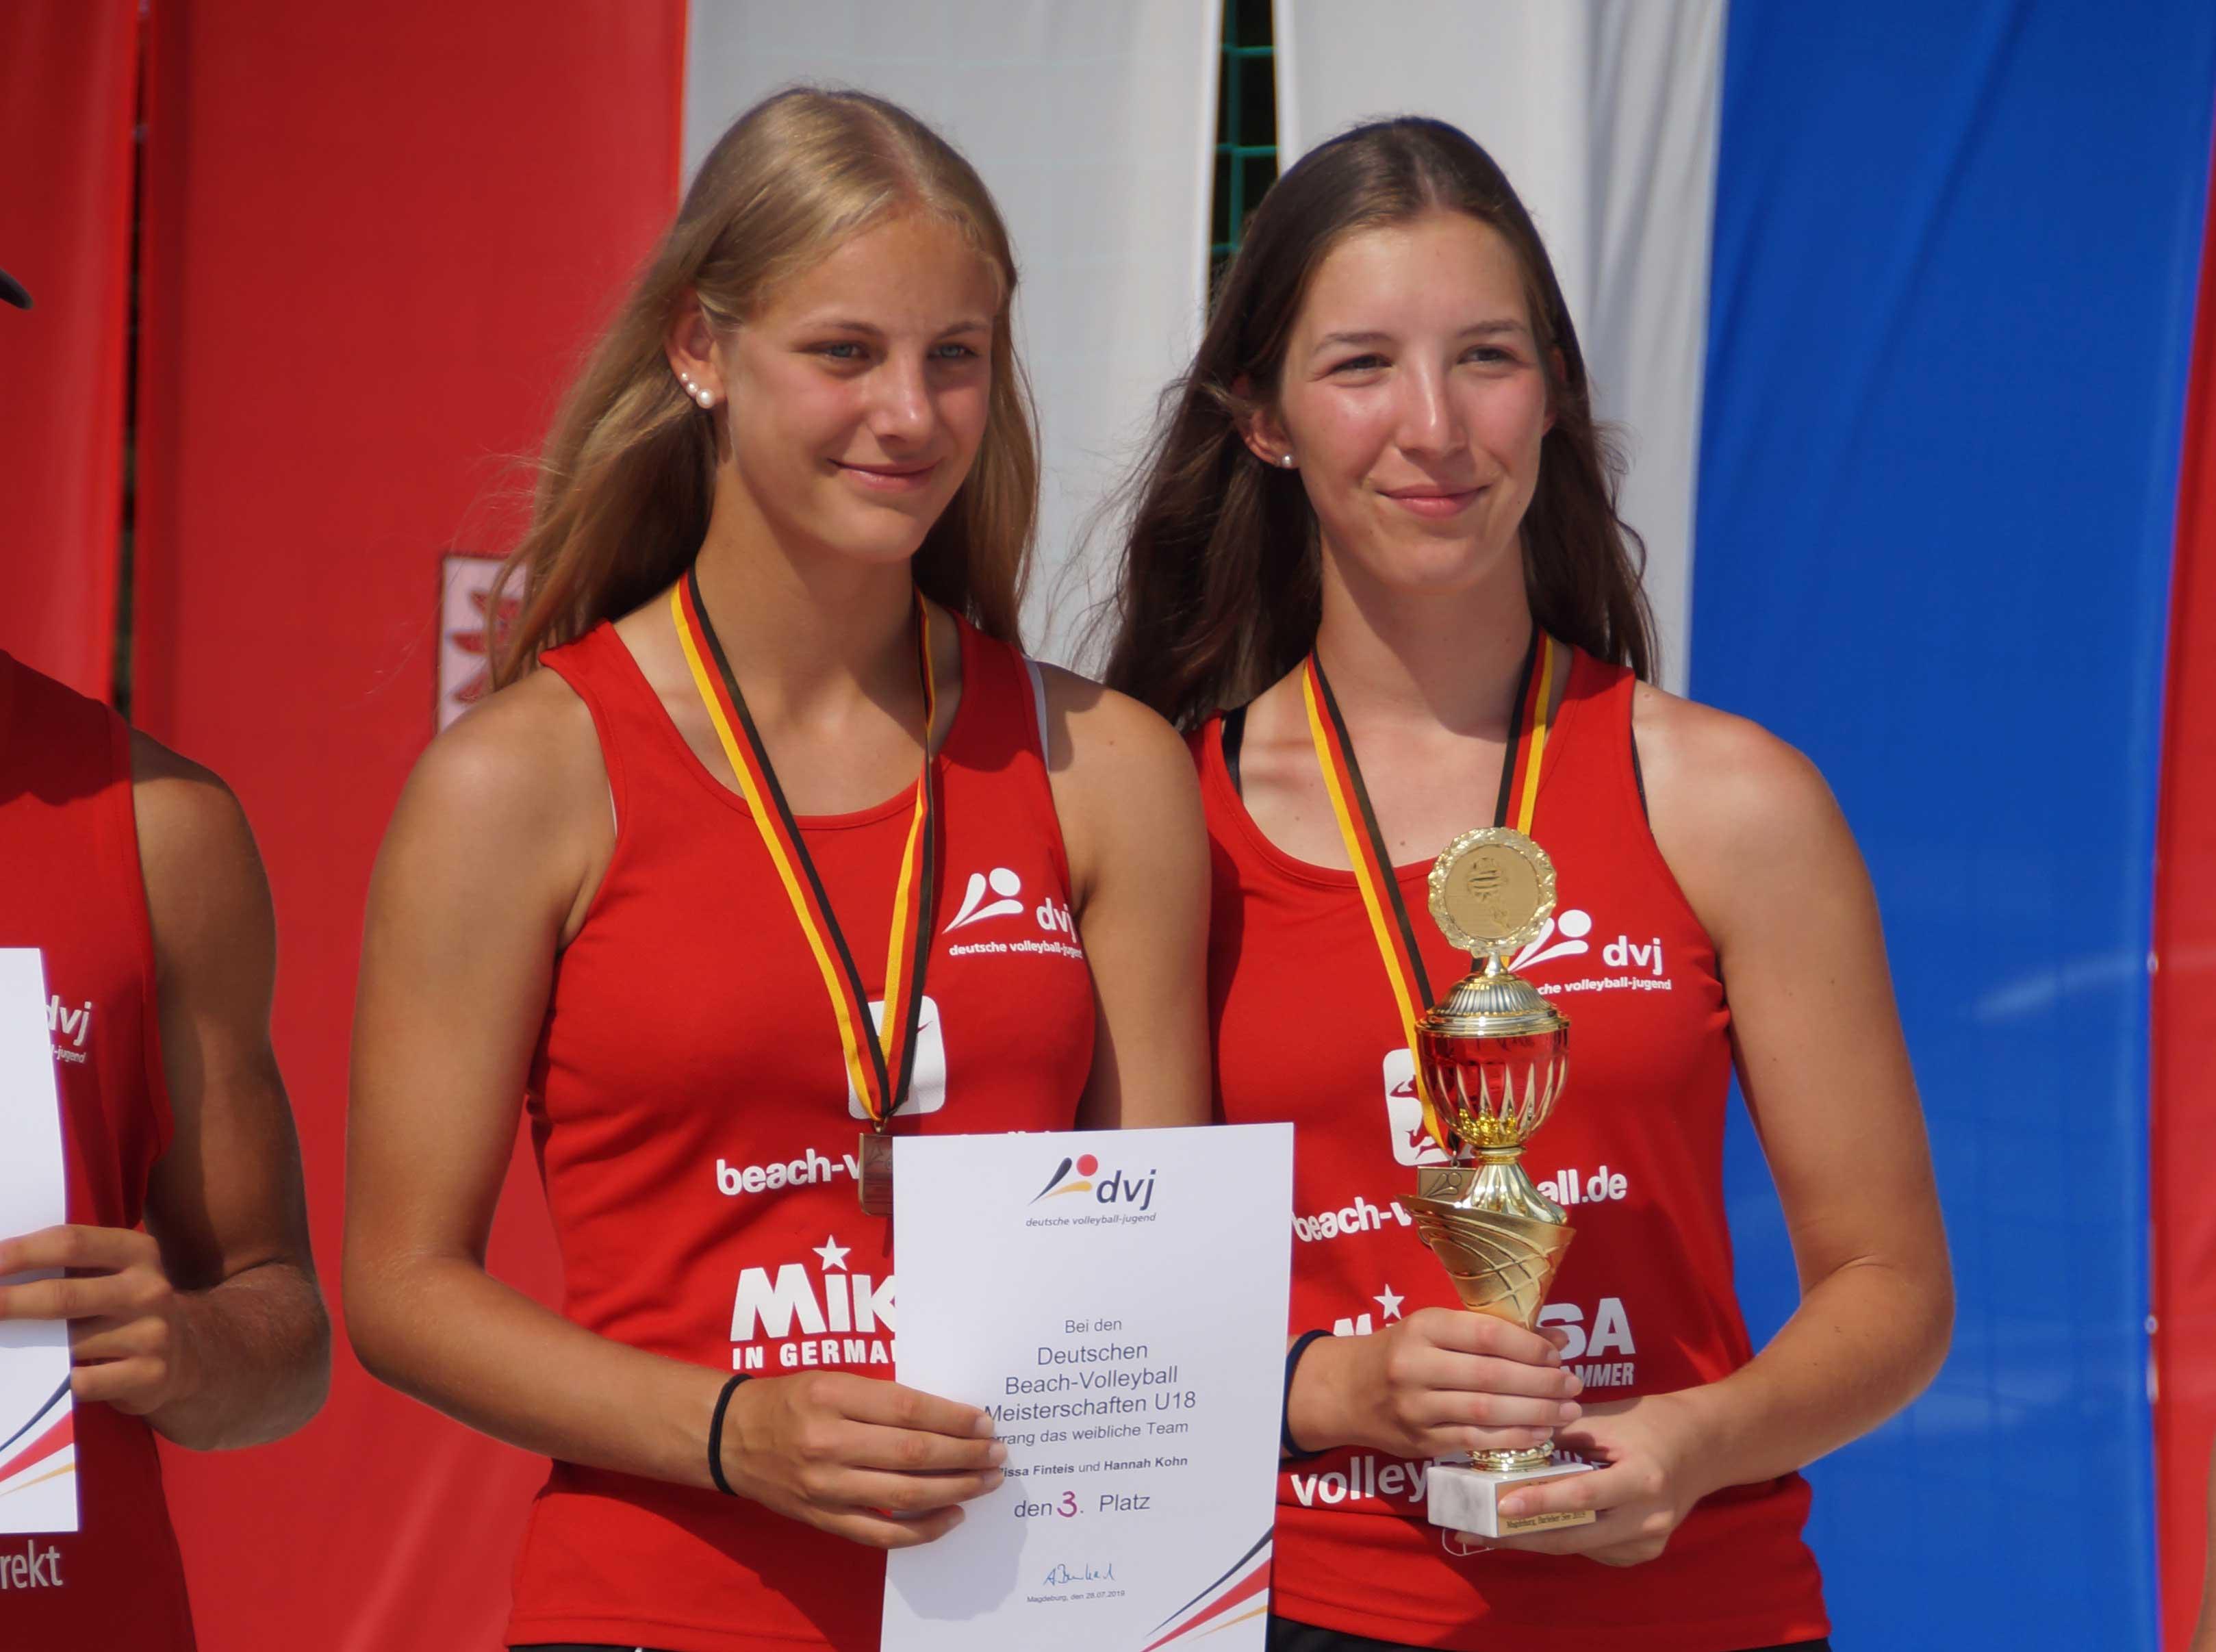 Deutsche Beach Meisterschaften, die Gewinner von Platz 3